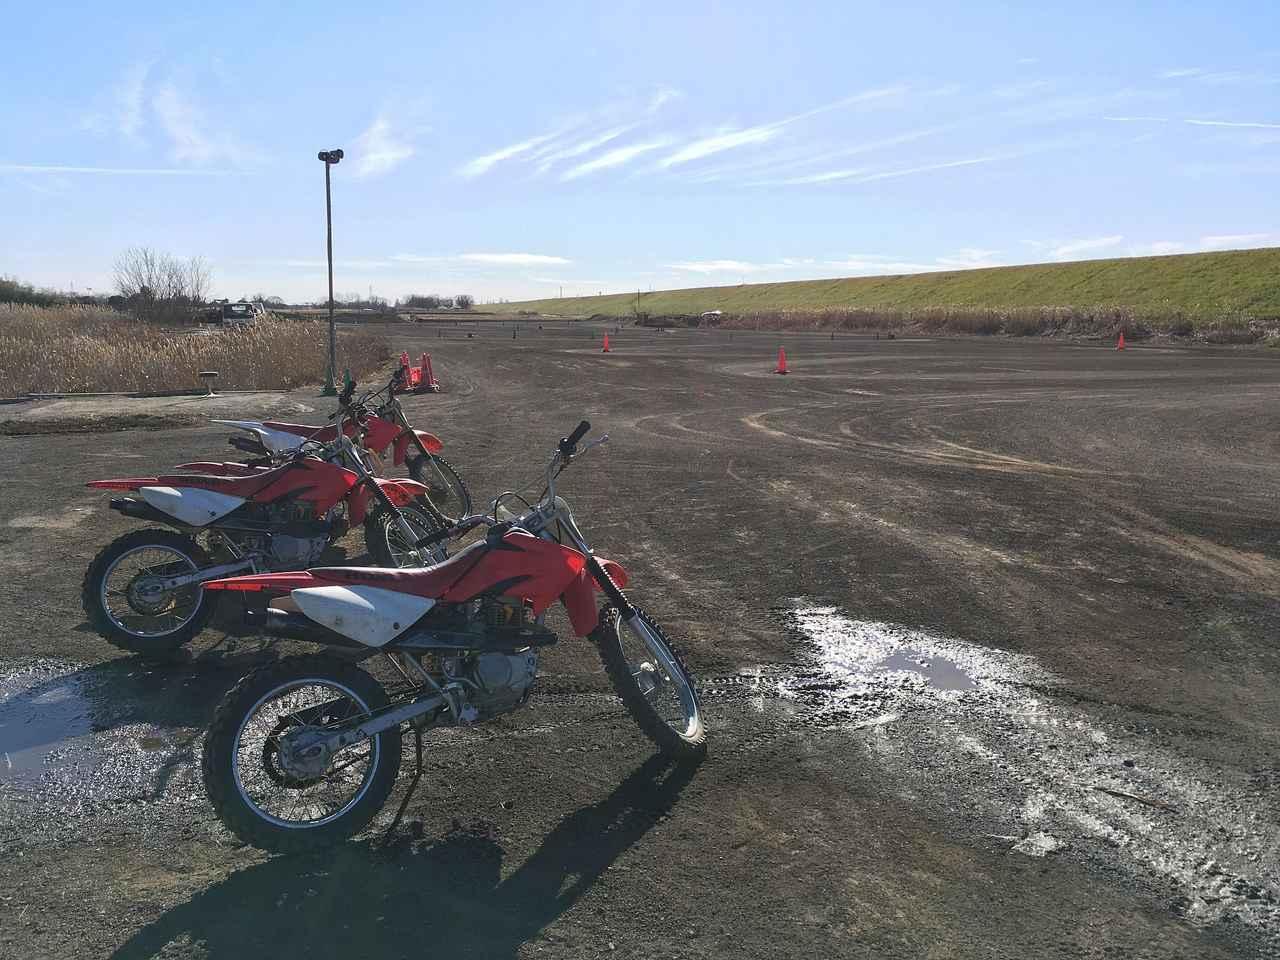 画像: TTコースはこんな、ひろーい泥の広場って感じ うちの息子(9歳)は「泥のサーキット」と呼んでますw